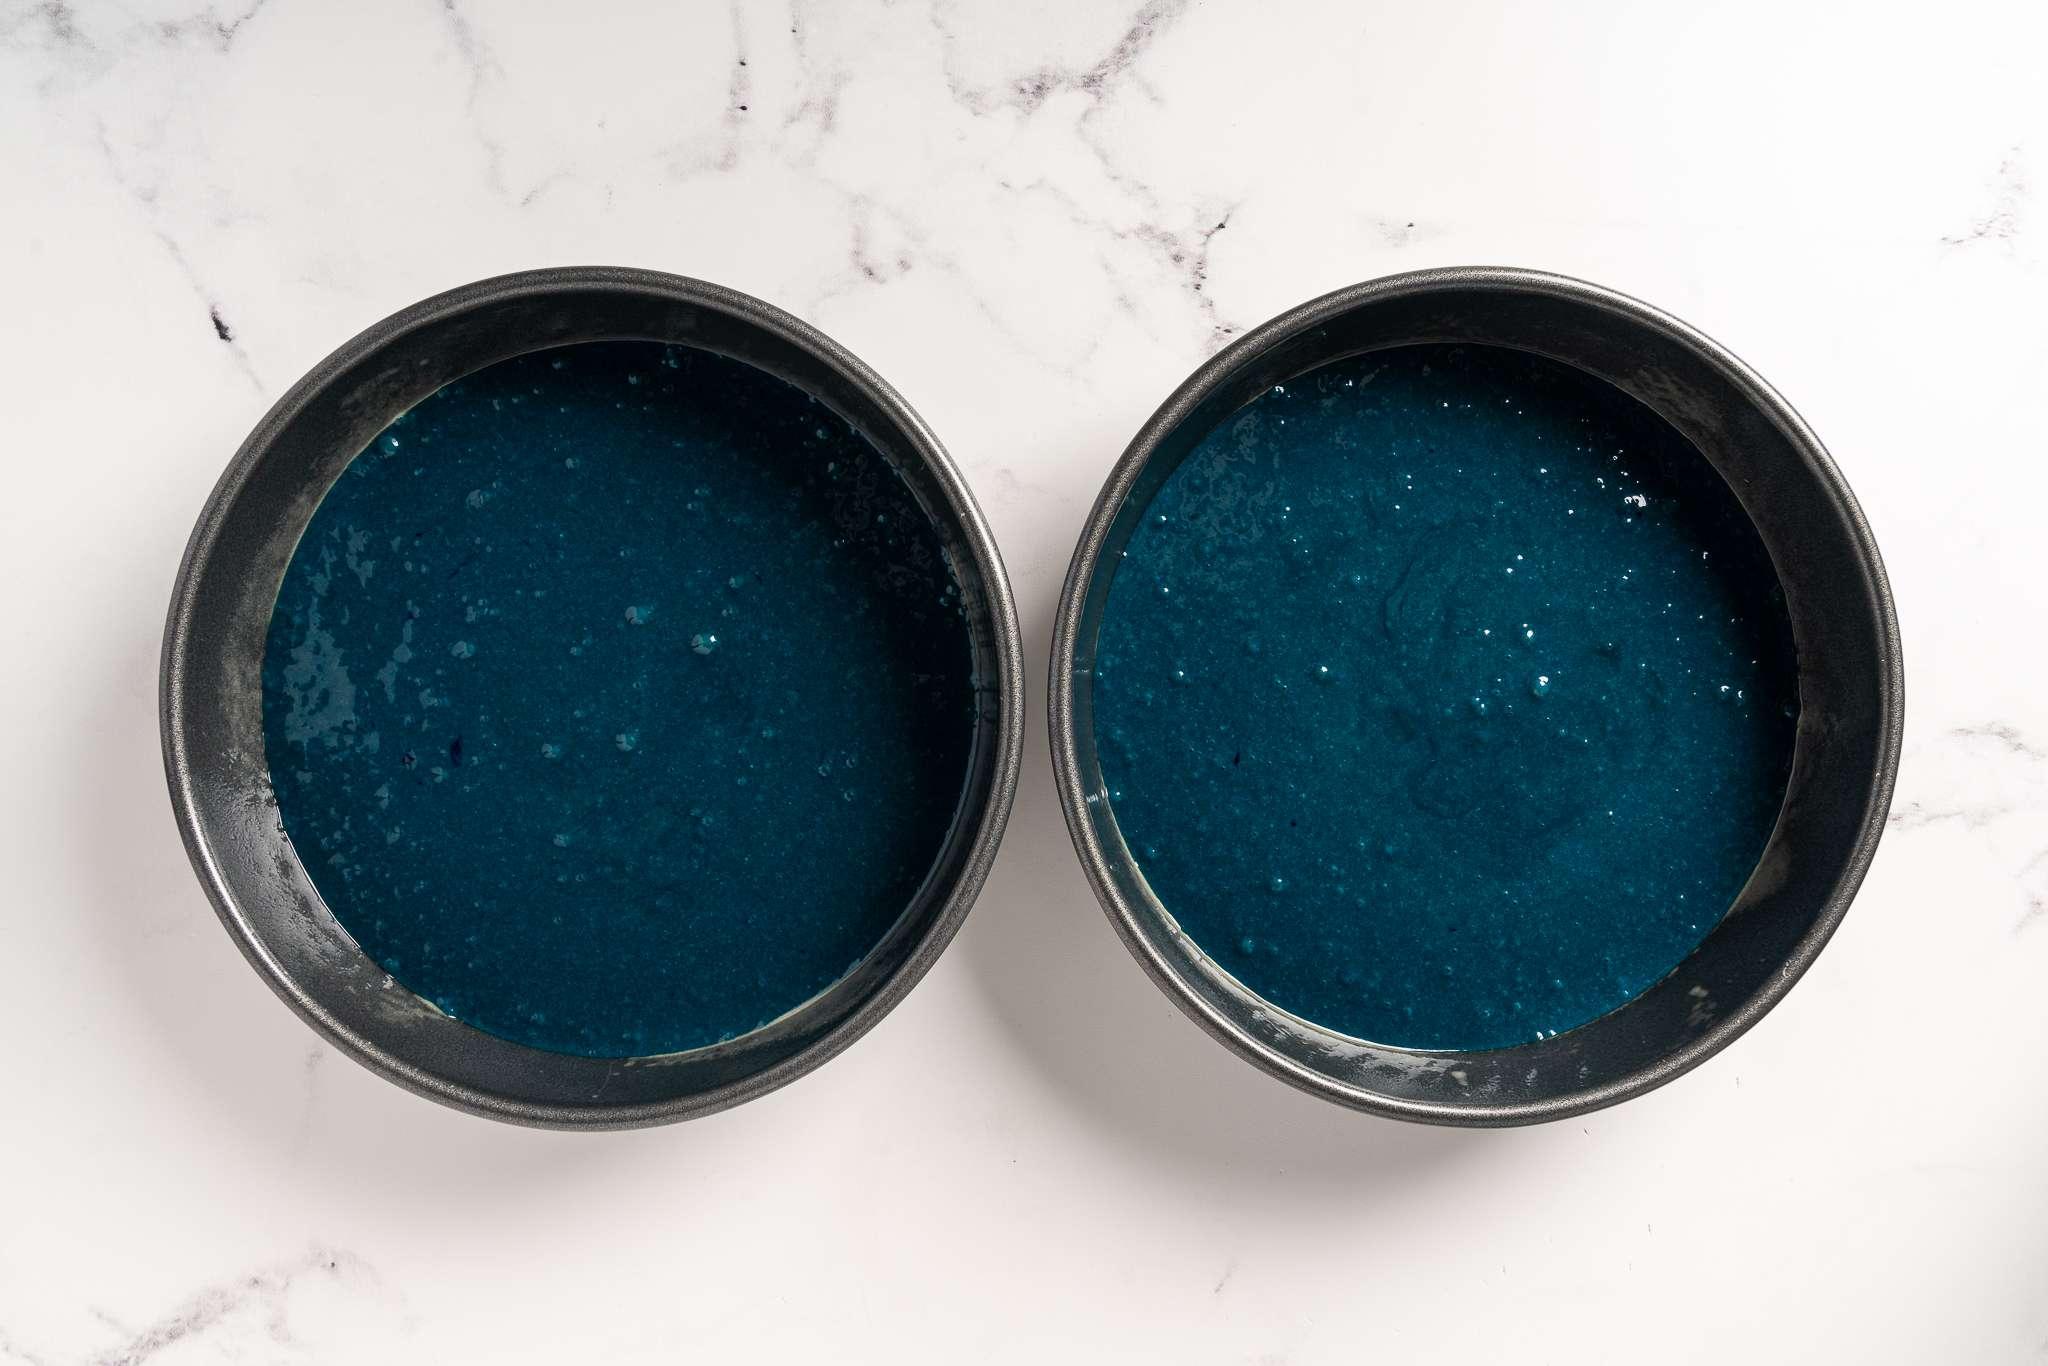 Blue Velvet Cakes ready to be baked